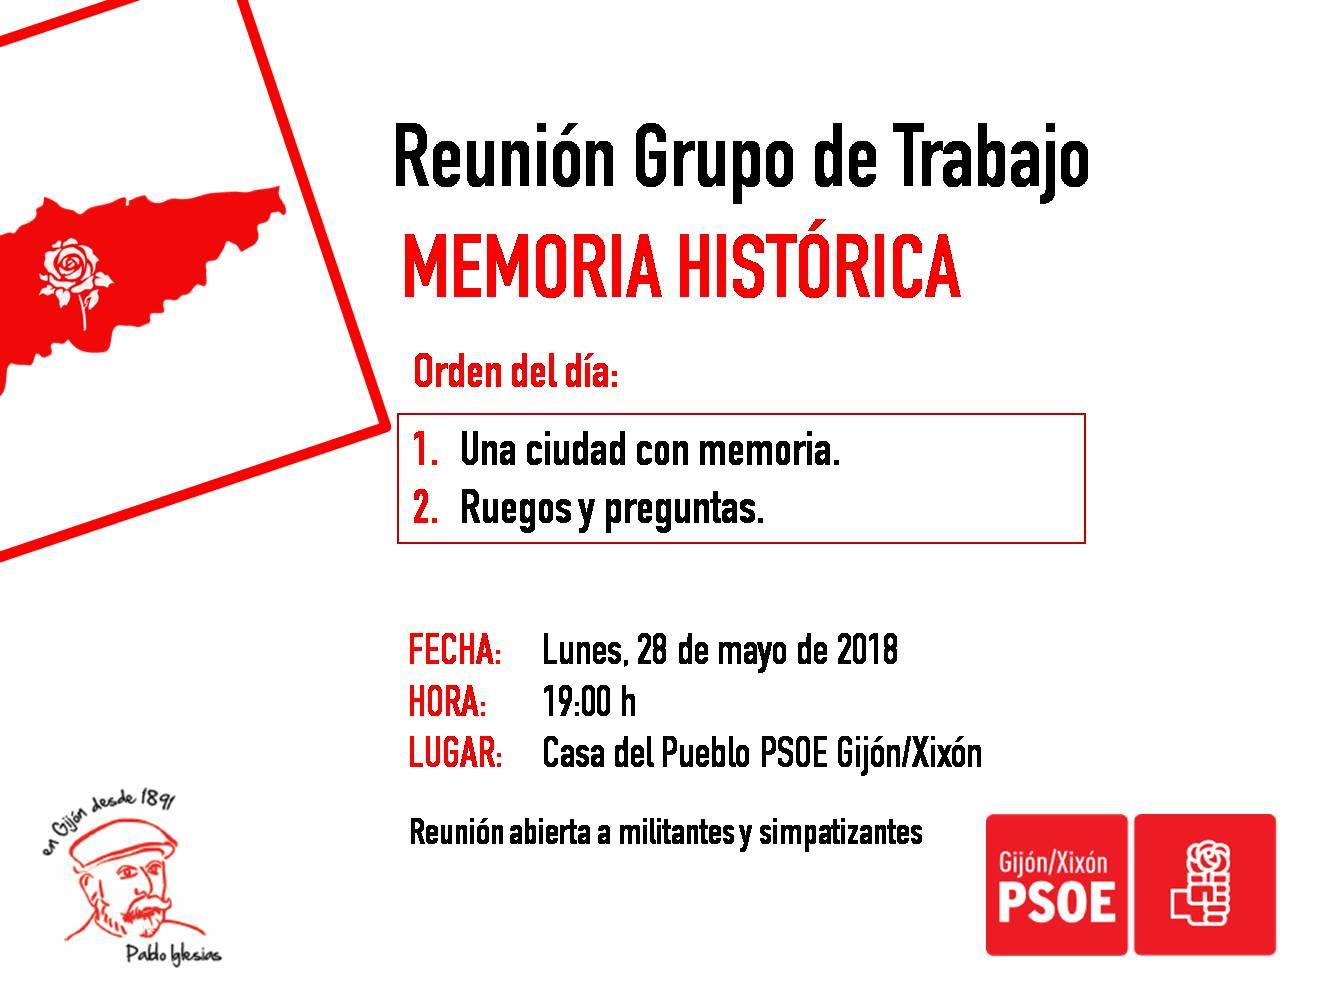 180528_ReuniónGT_MemoriaHistórica